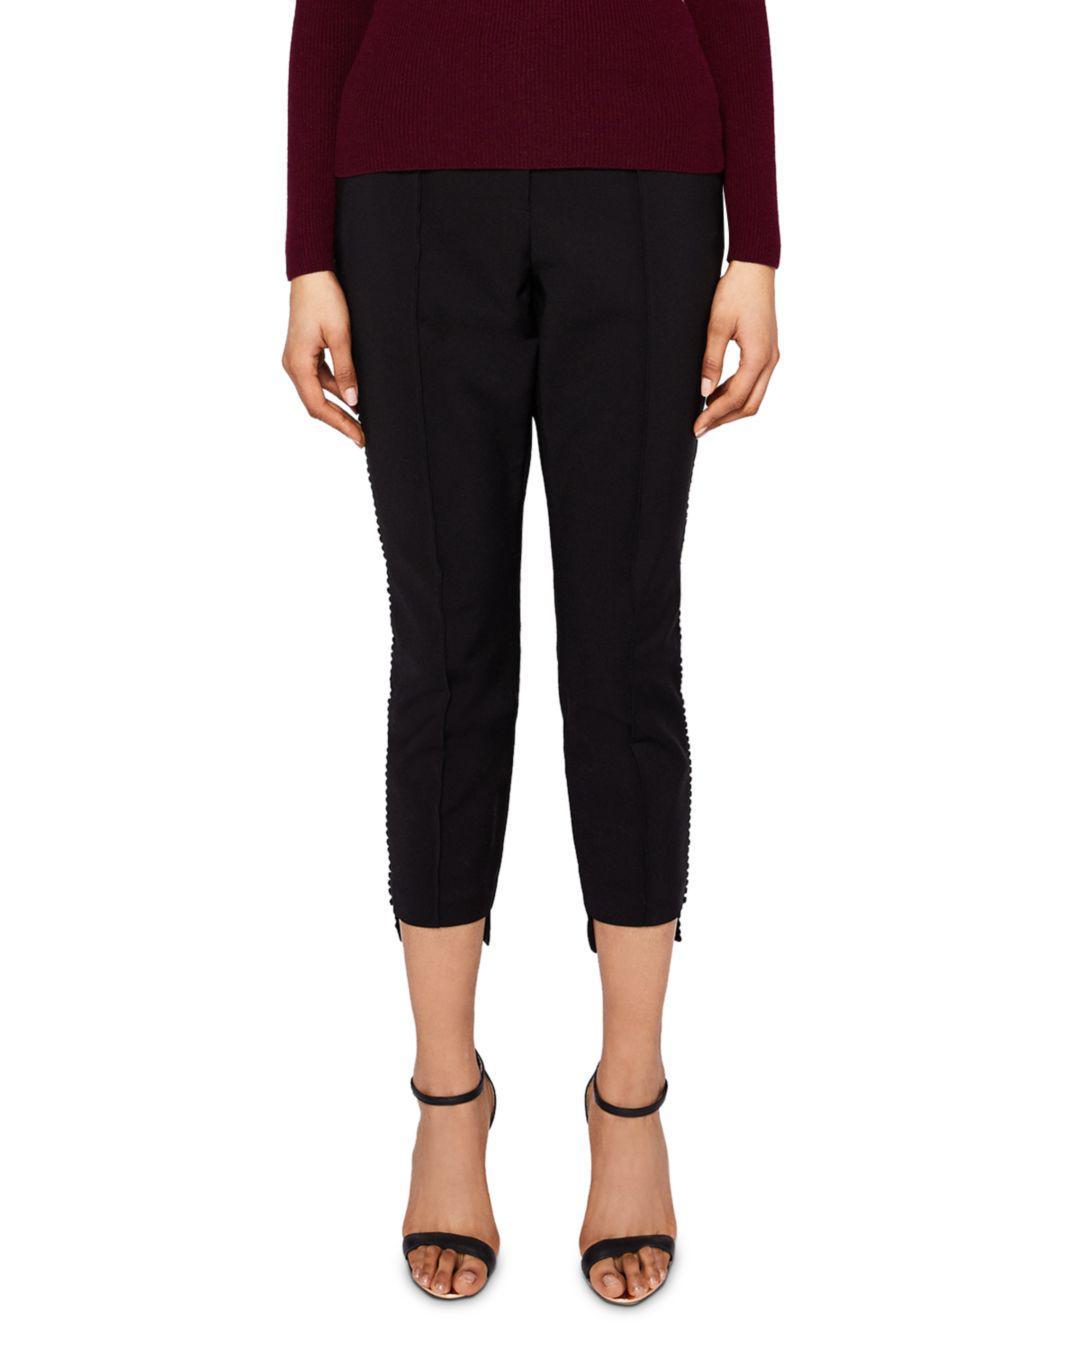 4c774610405418 Lyst - Ted Baker Anett Seam-detail Pants in Black